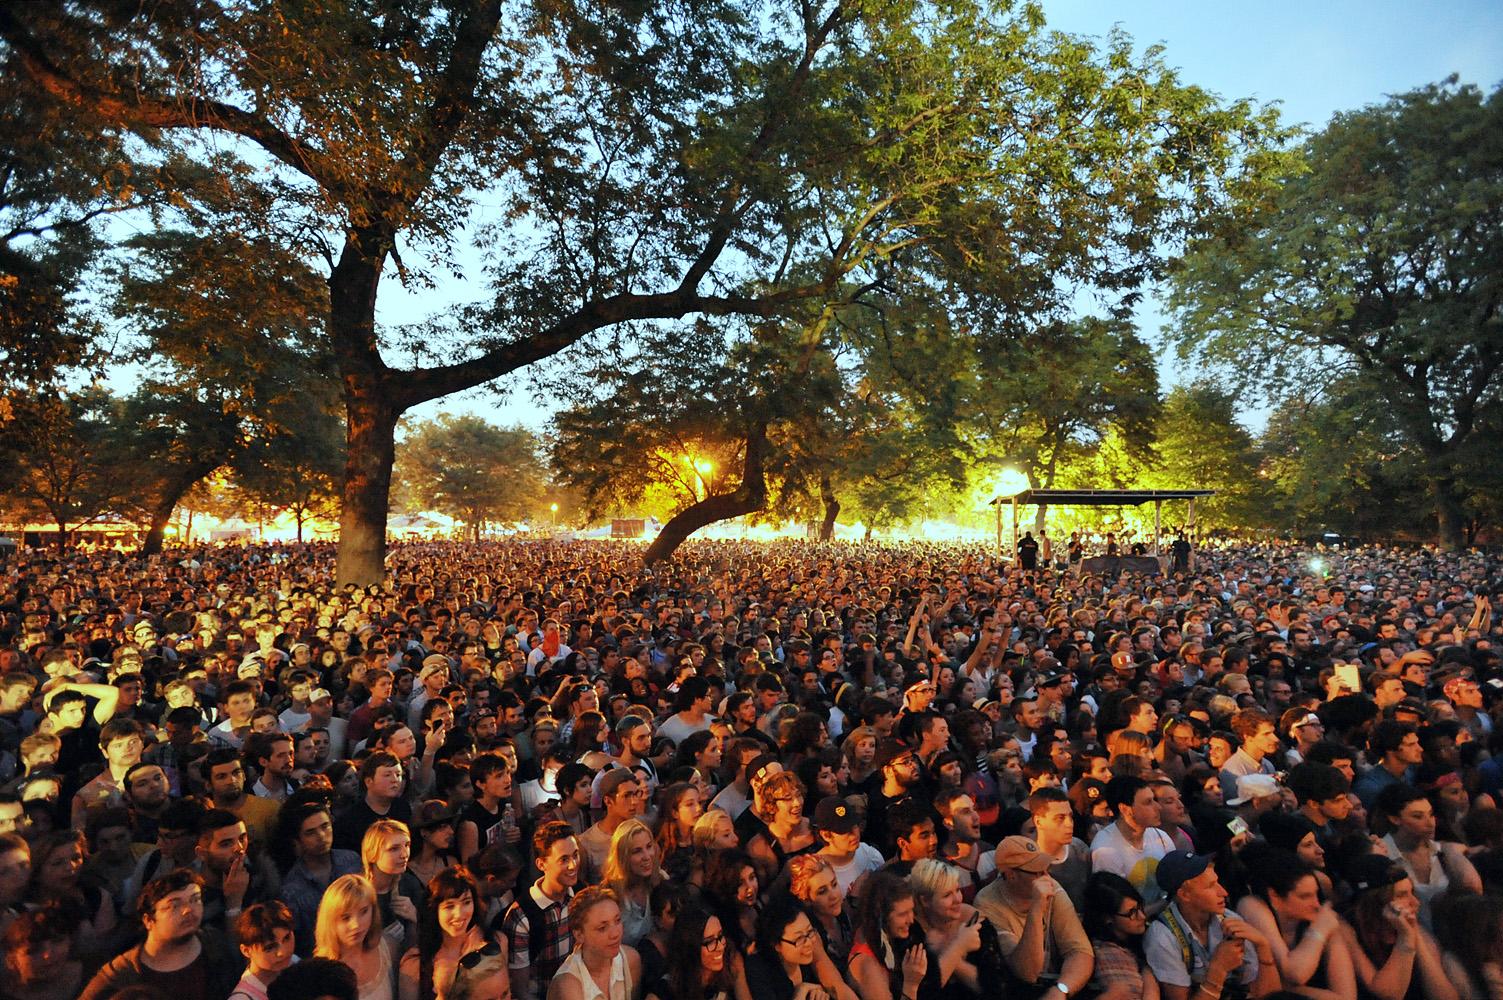 Самые громкие мировые фестивали лета 2013 - фото №7